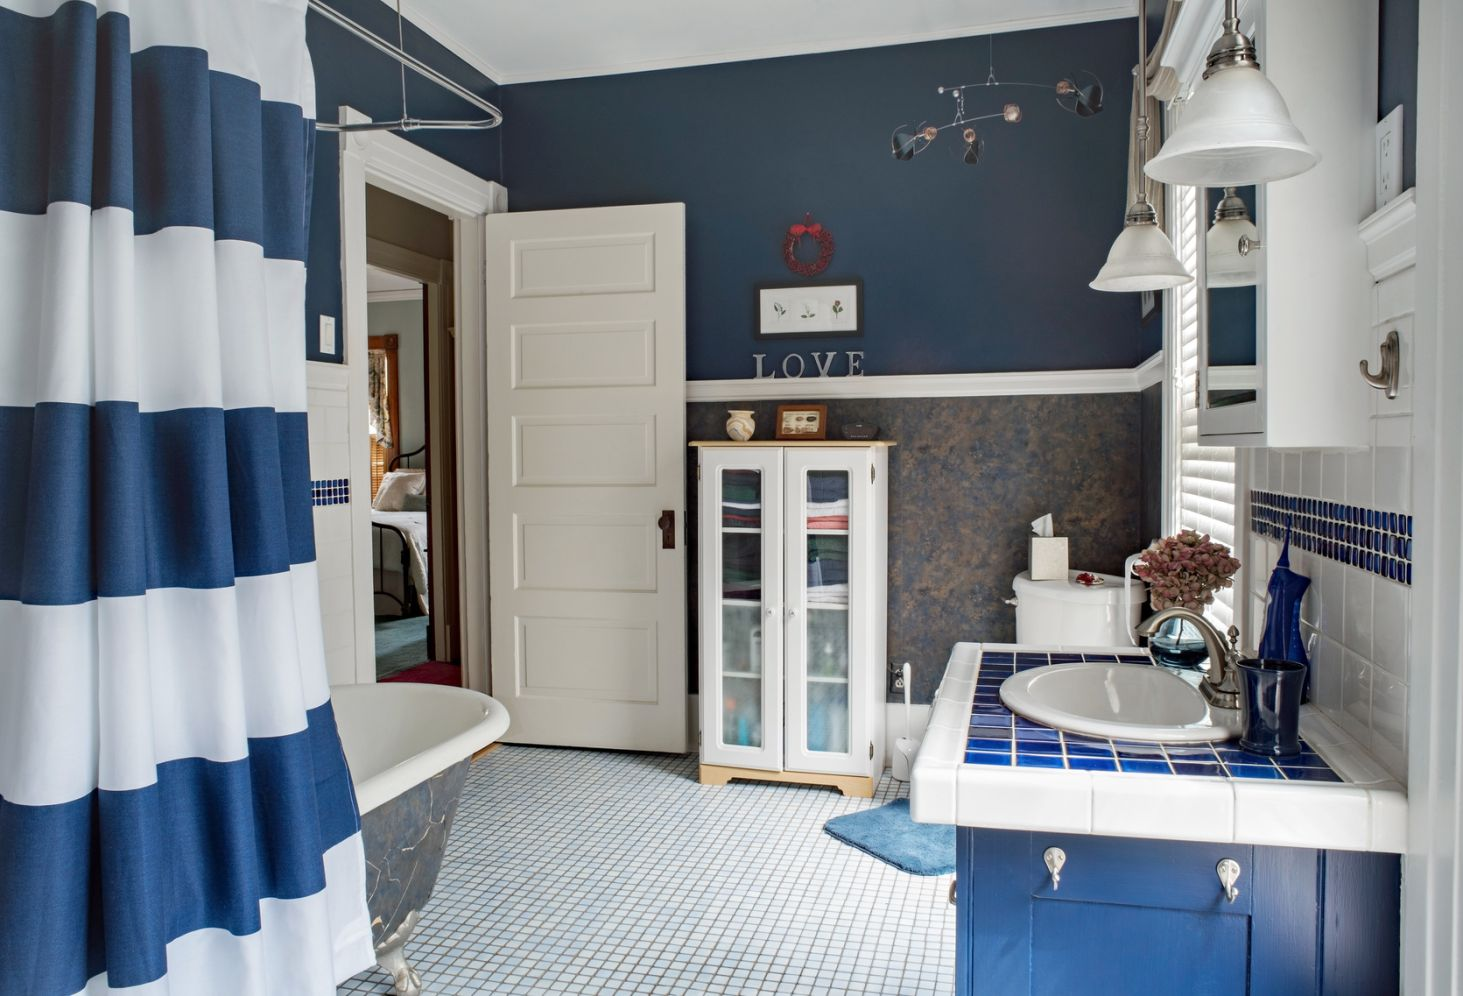 Tapeta W łazience 3 Kroki Do Aranżacji Idealnej Wnętrza